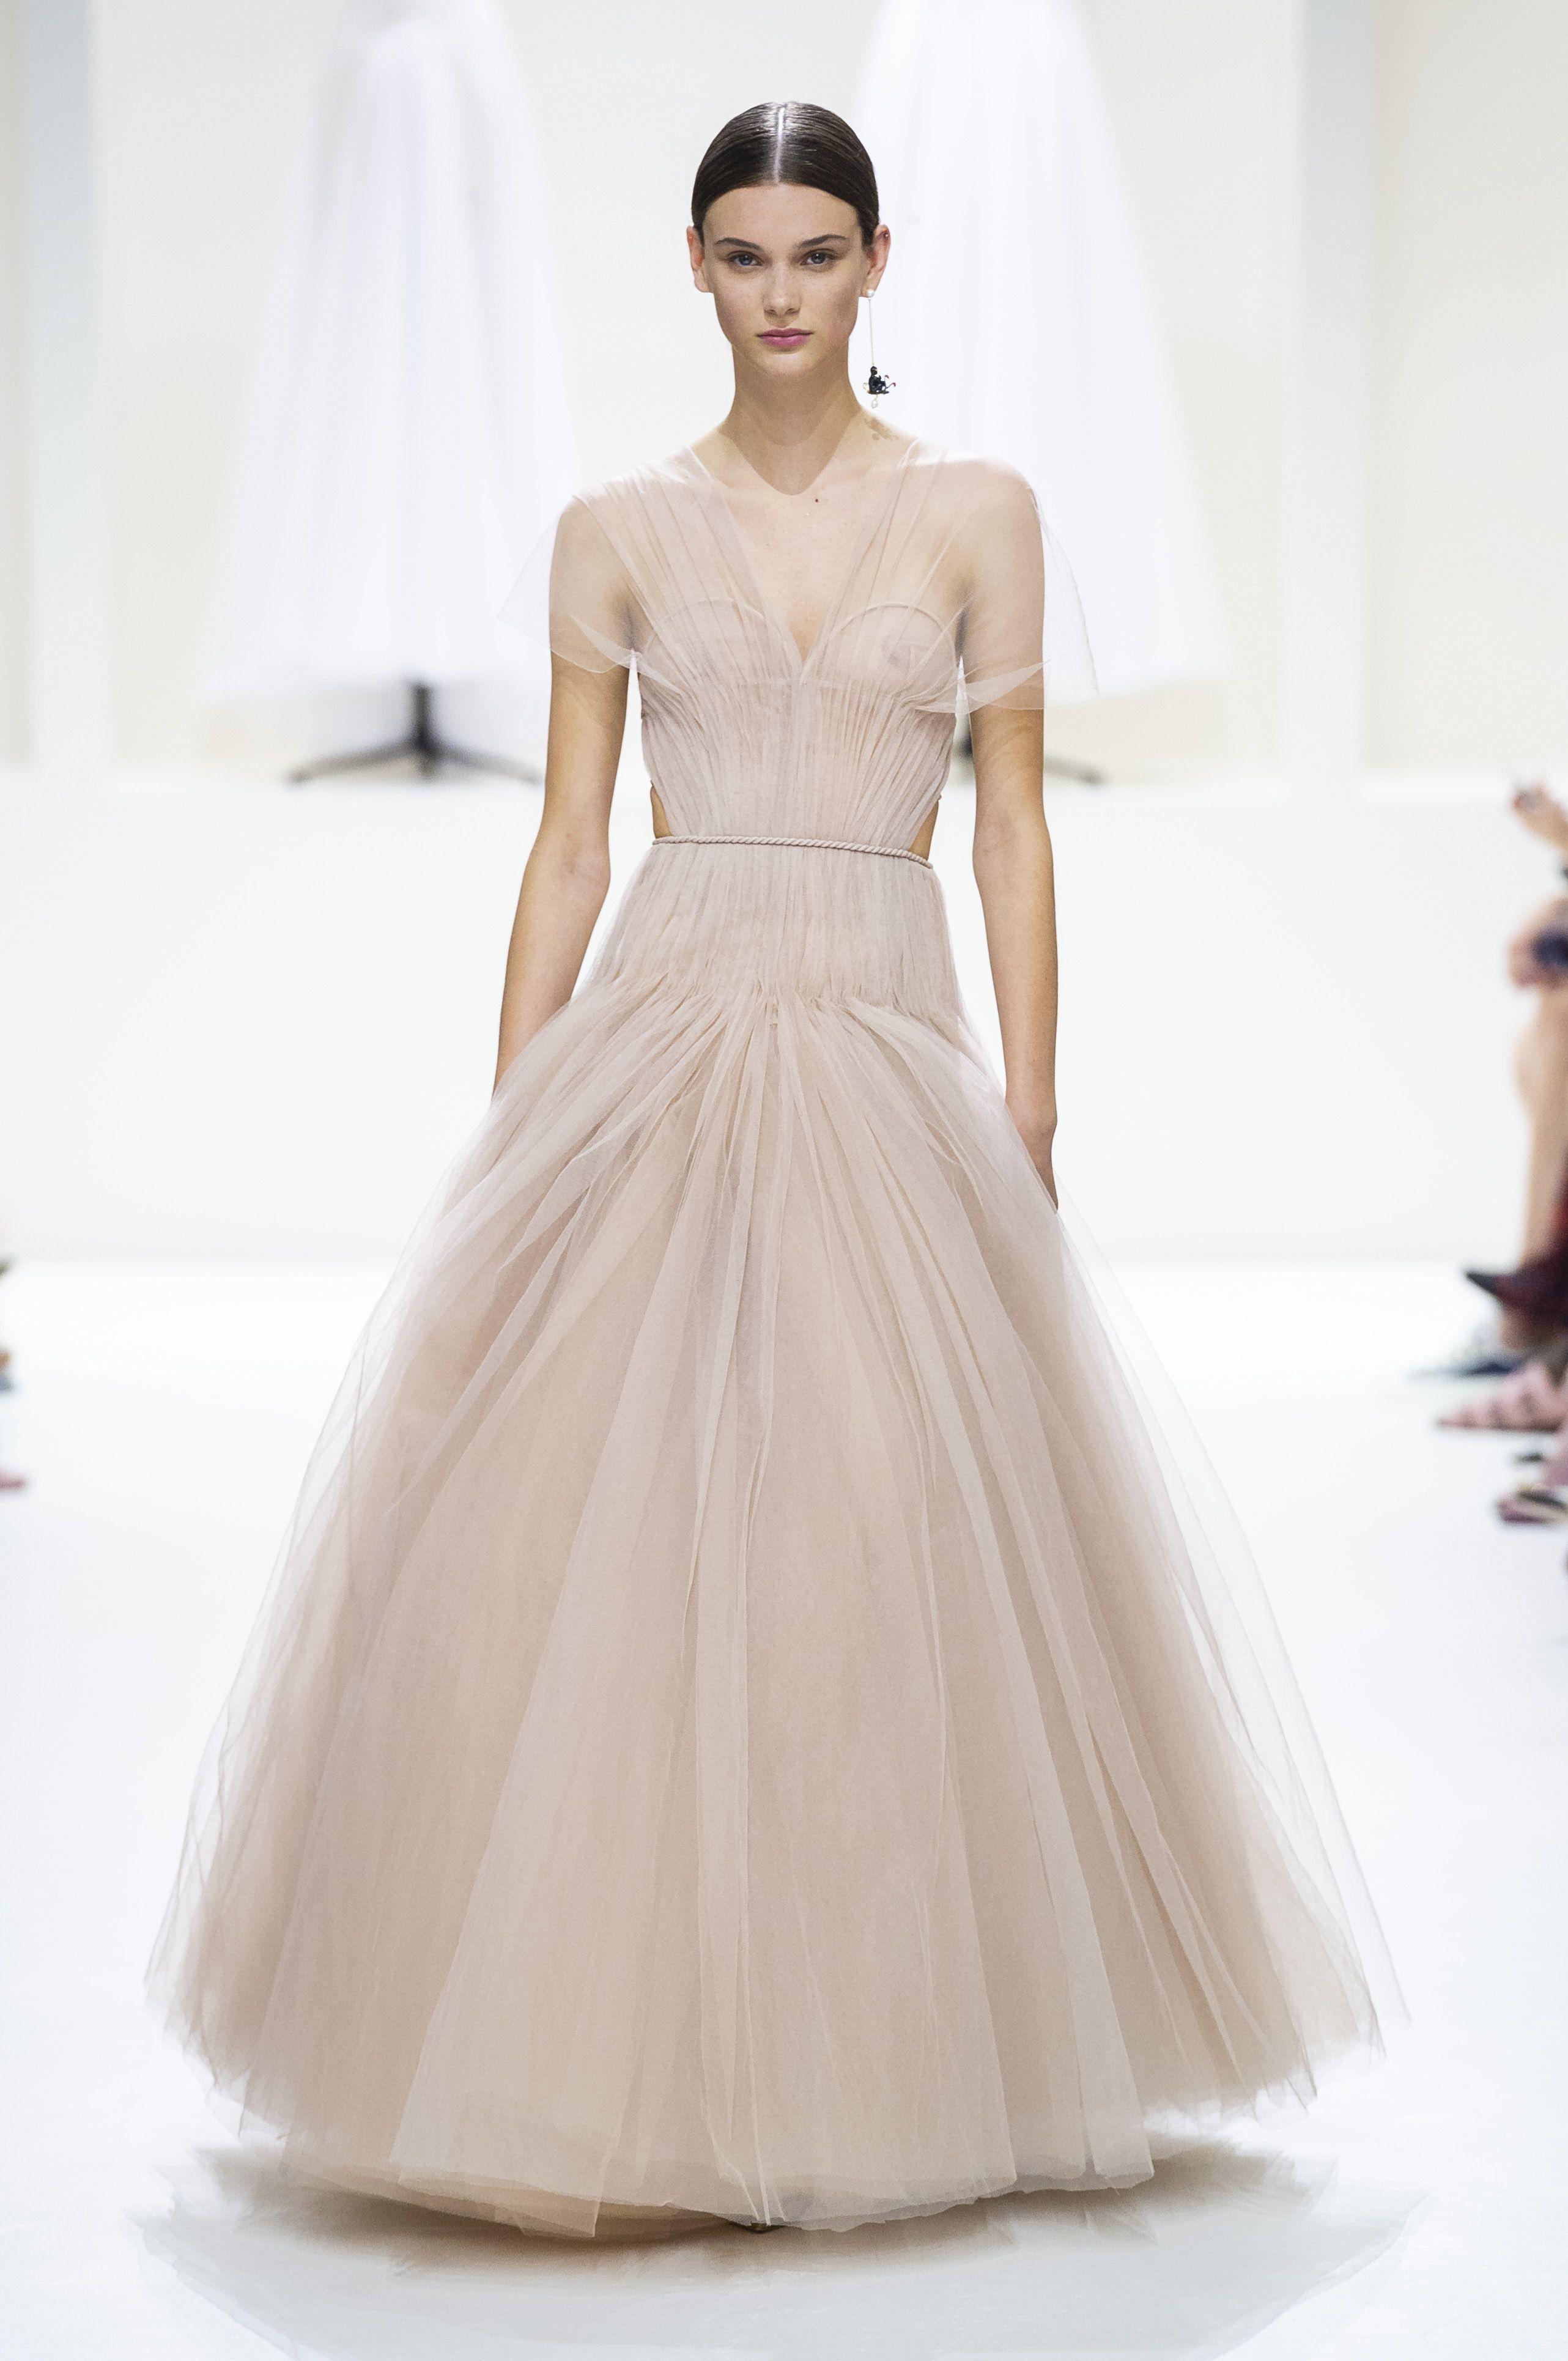 Abiti Da Sposa Armani.Abiti Da Sposa 2019 Modelli E Tendenze Dall Haute Couture Di Parigi